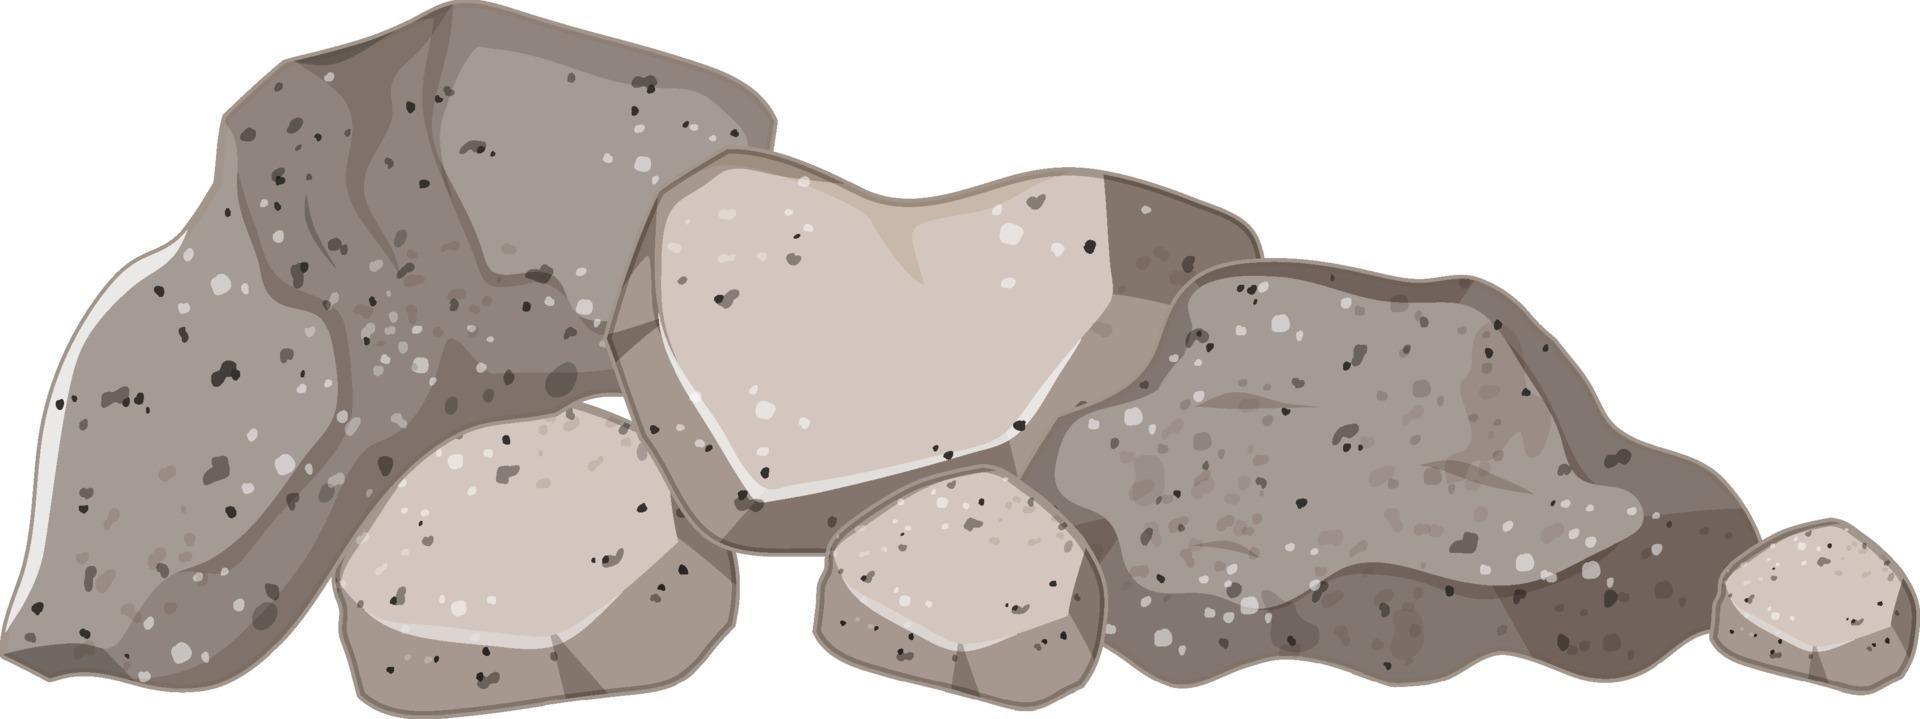 Satz grauer Steine auf weißem Hintergrund vektor